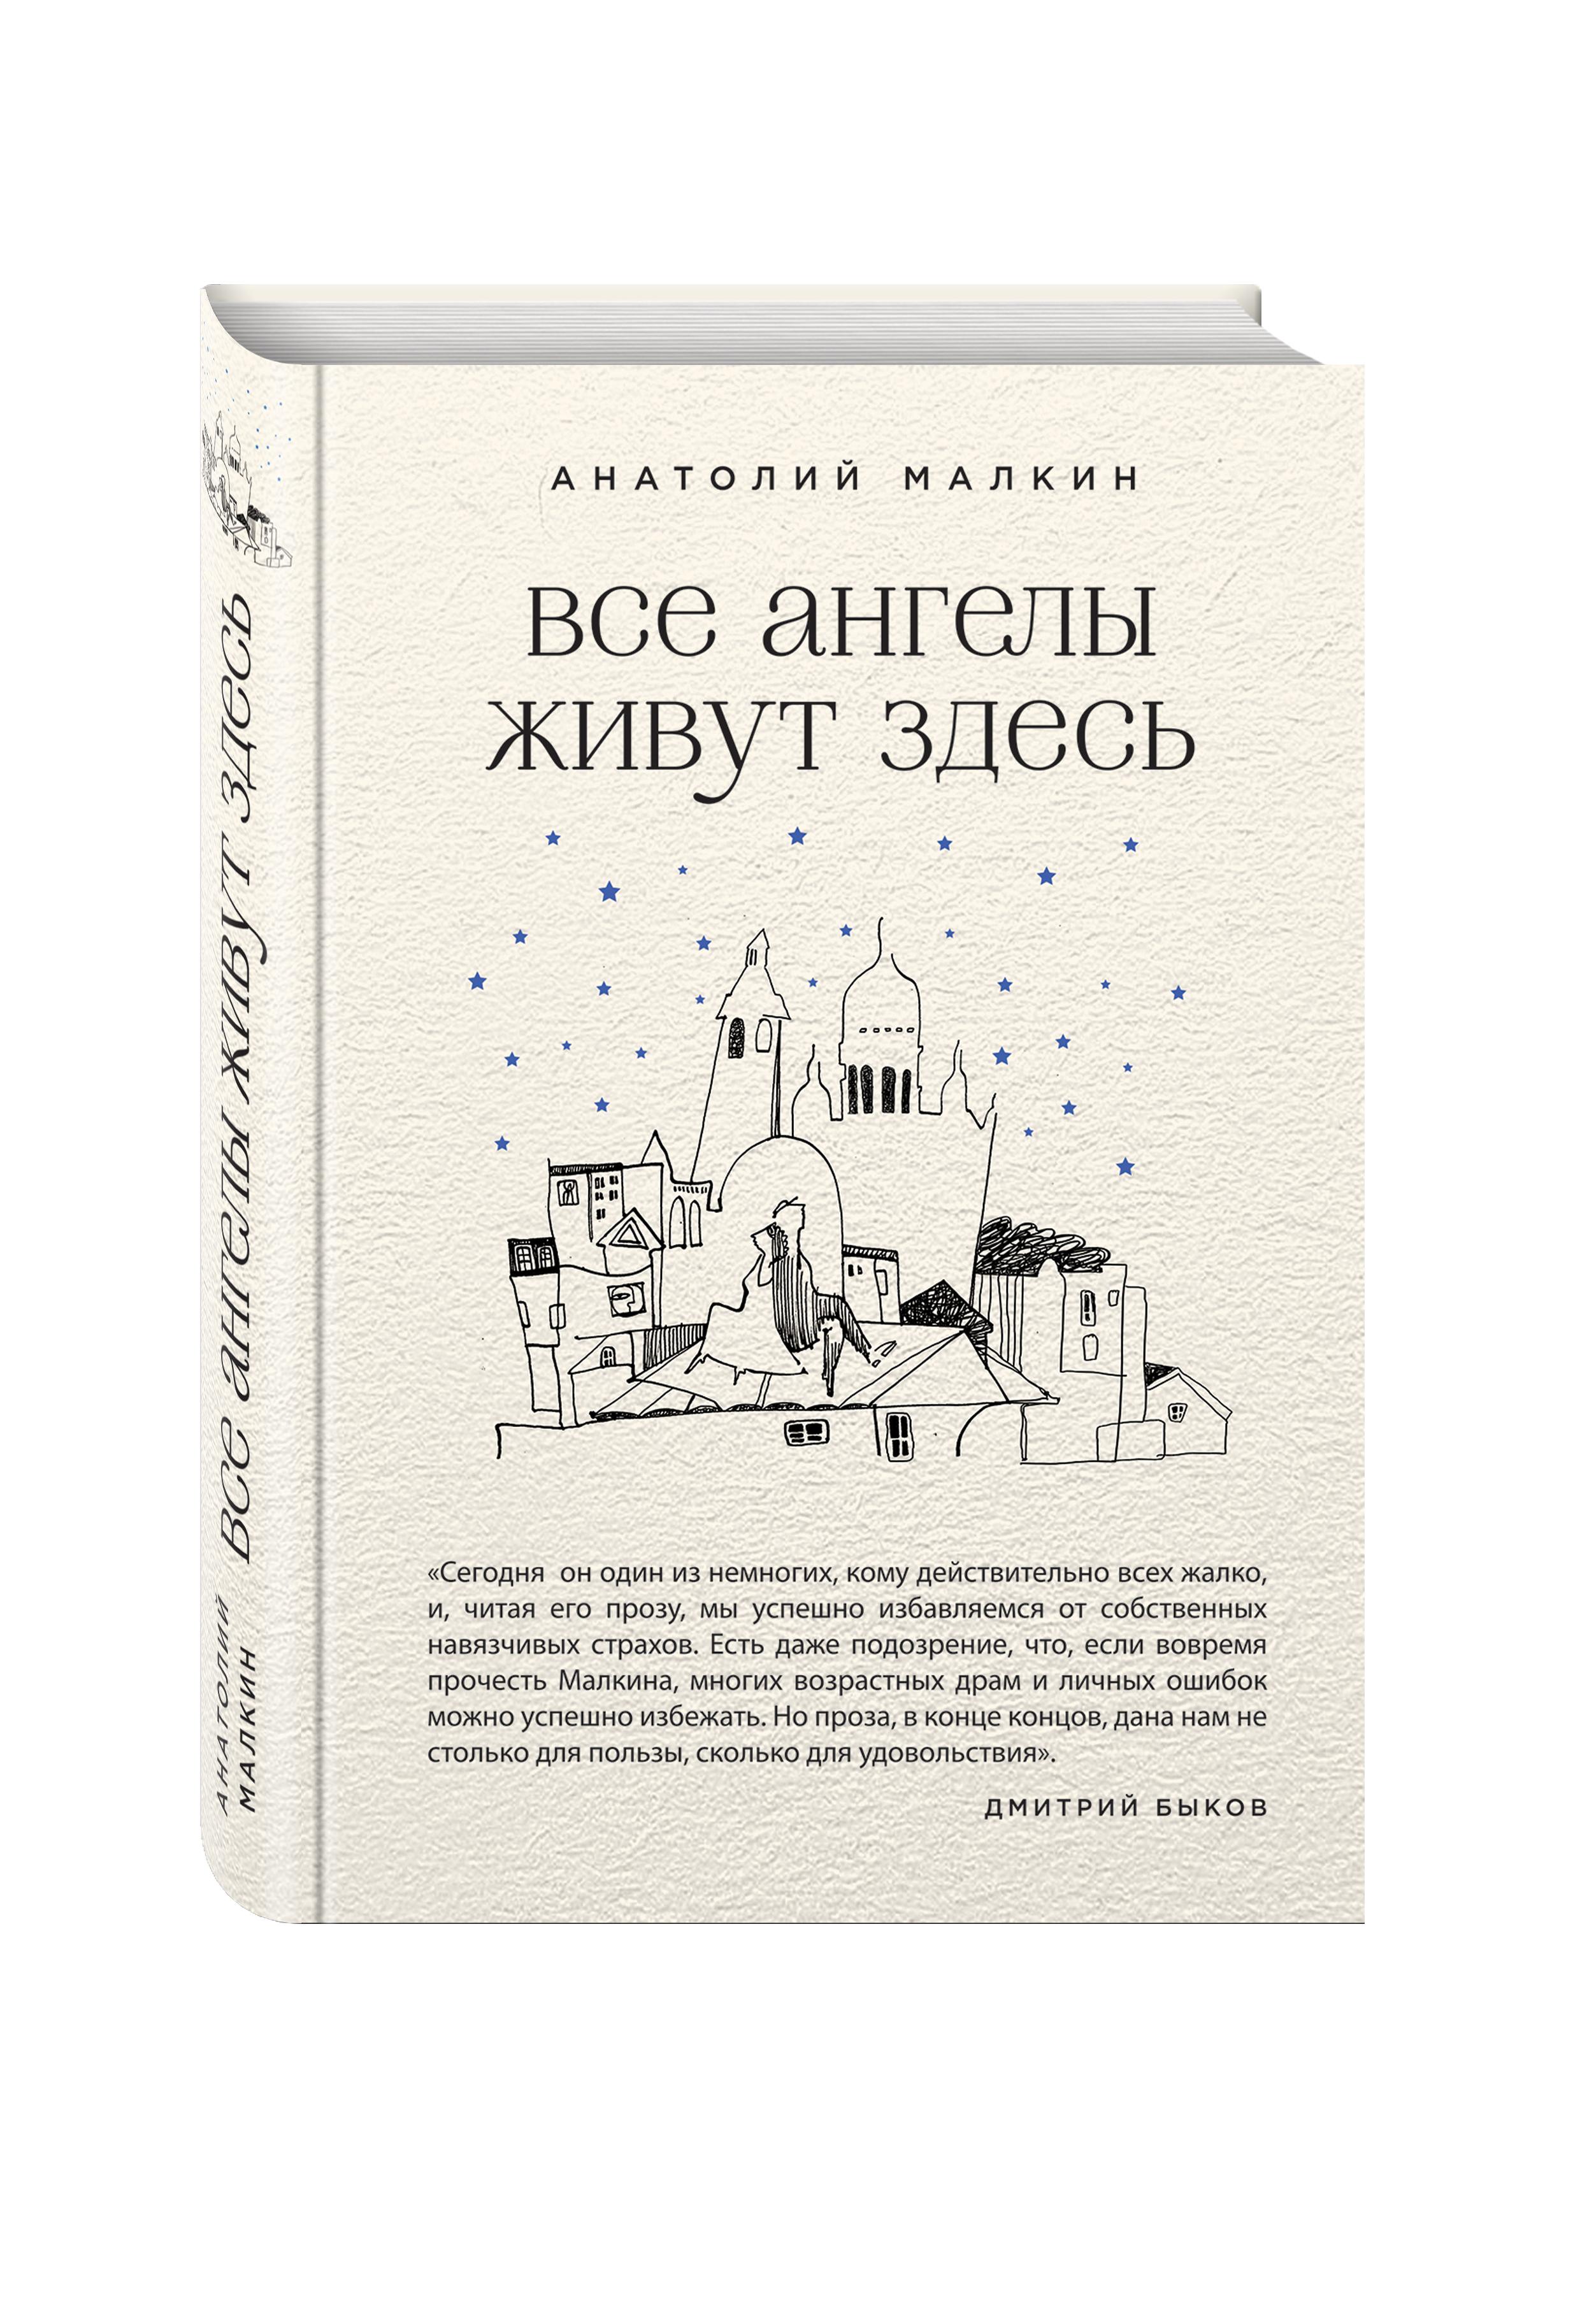 Анатолий Малкин Все ангелы живут здесь анатолий малкин все ангелы живут здесь сборник